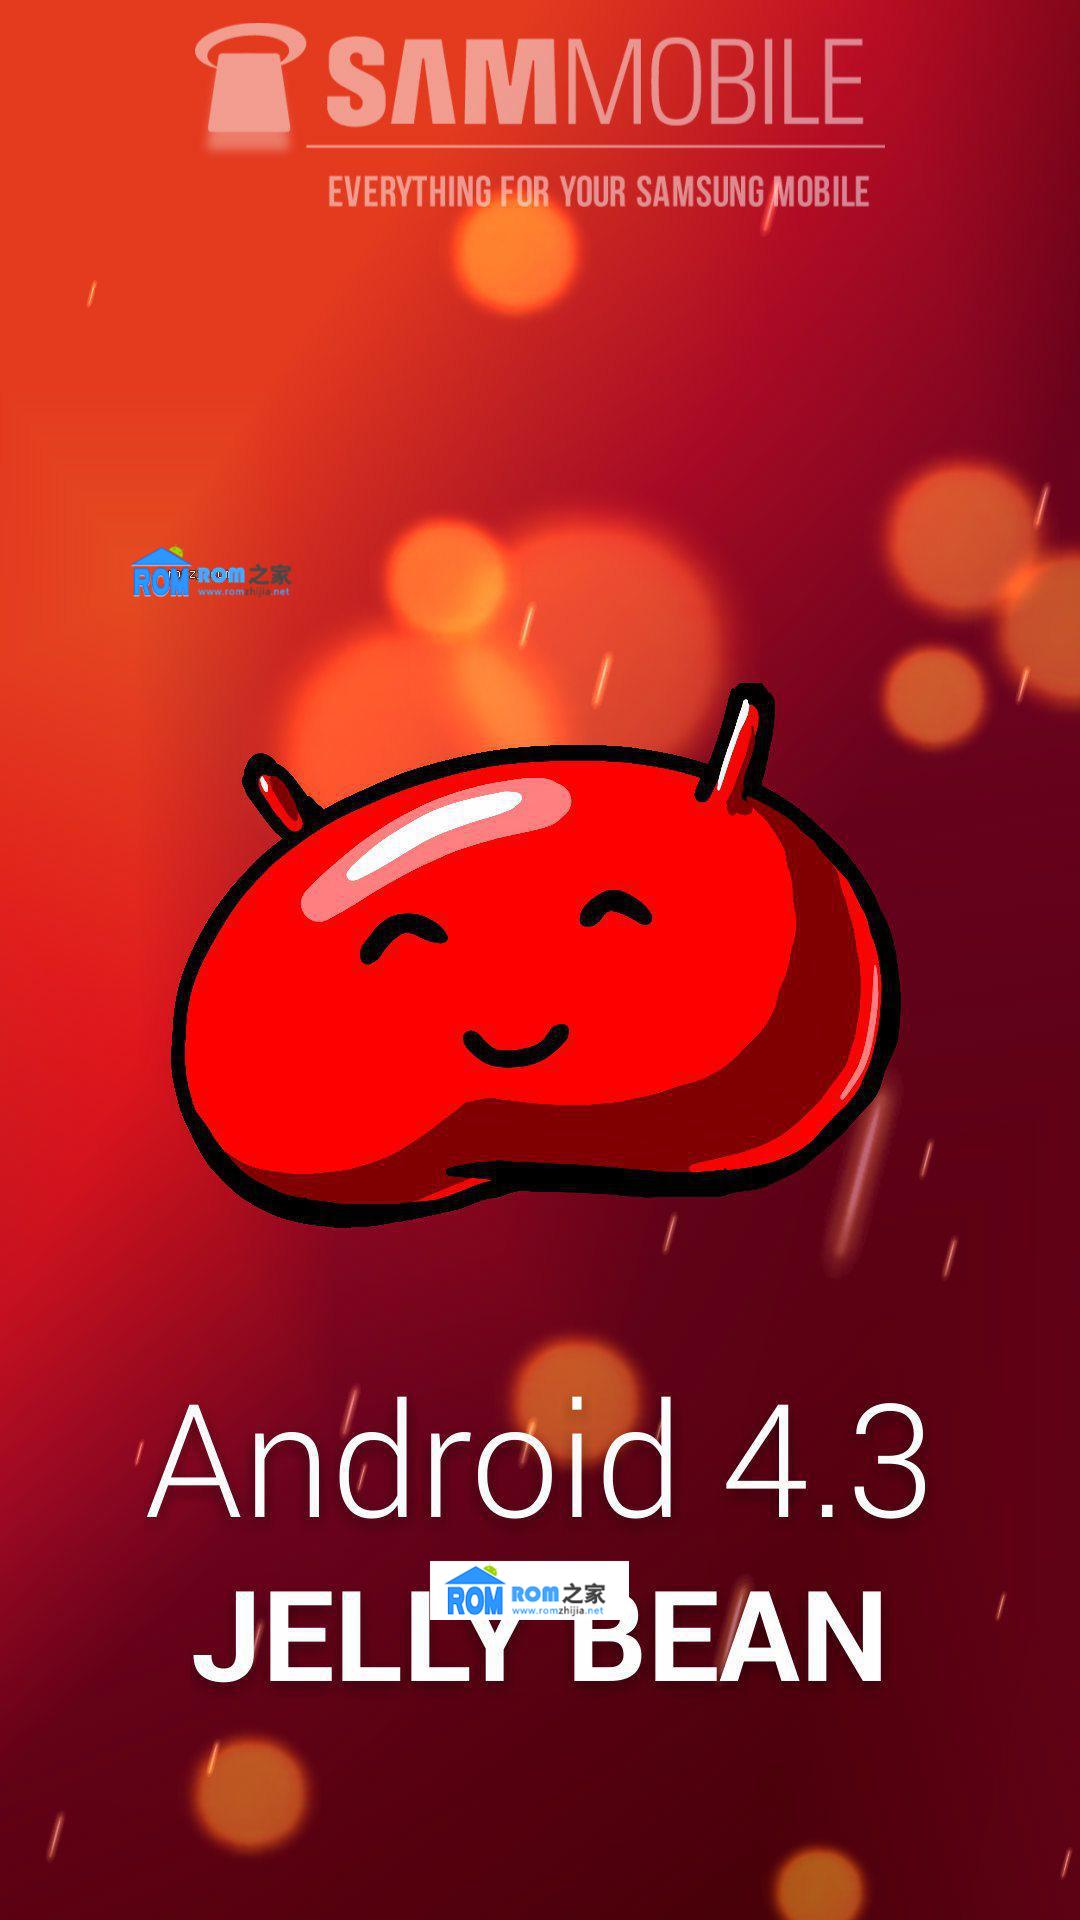 三星 Galaxy S4 四核版 (i9505) 刷机包 Andriod 4.3 系统固件 原汁原味截图